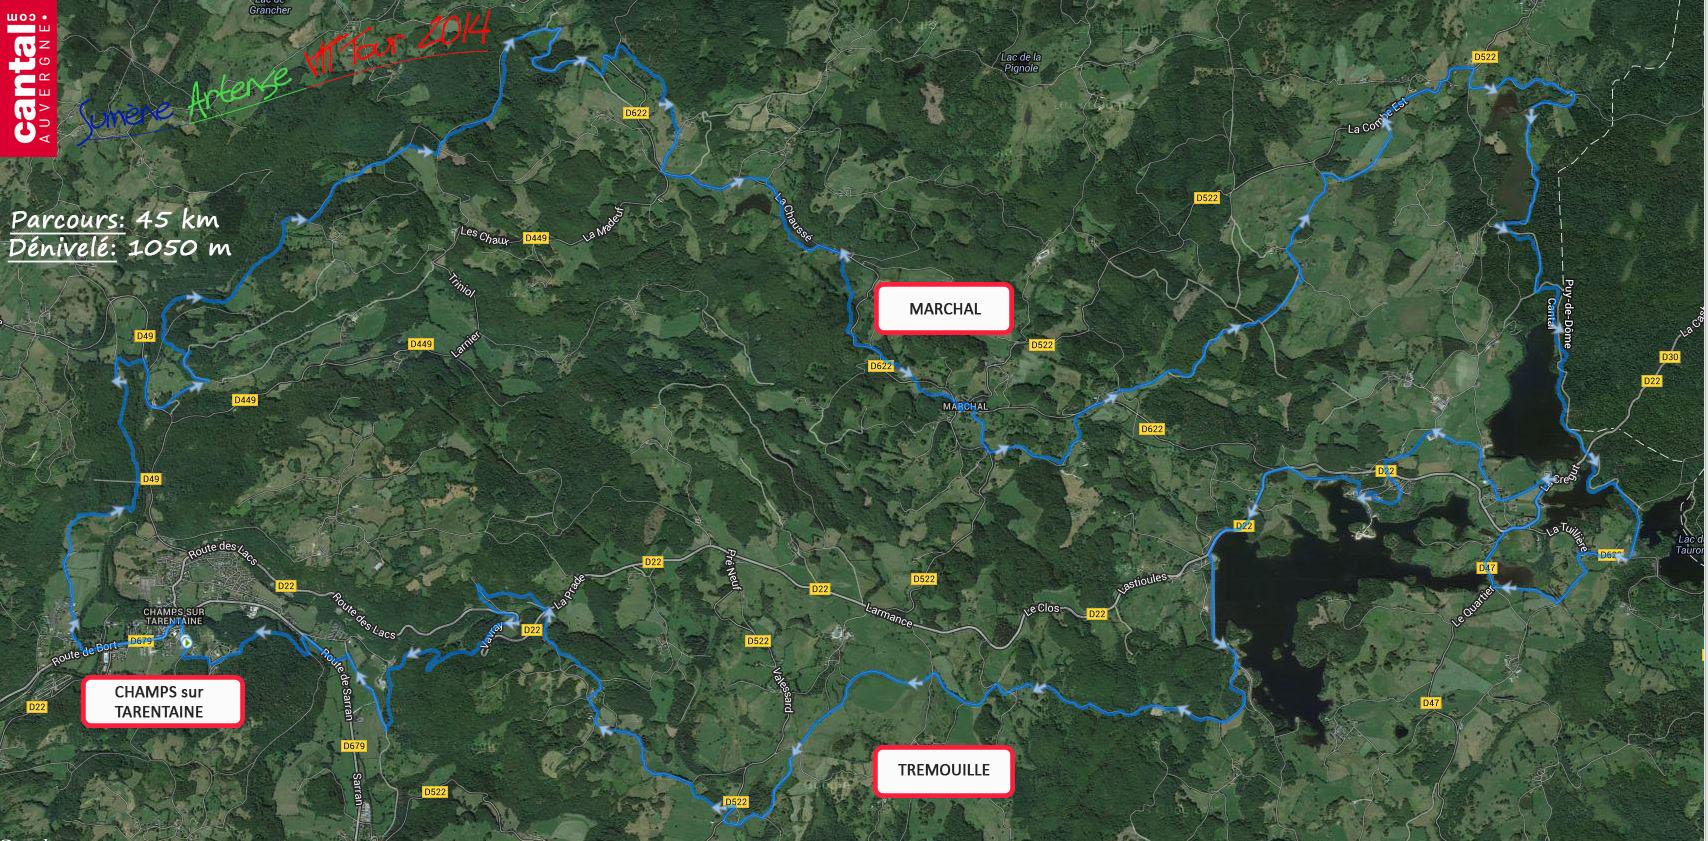 2014 savtt tour parcours 45 km distance